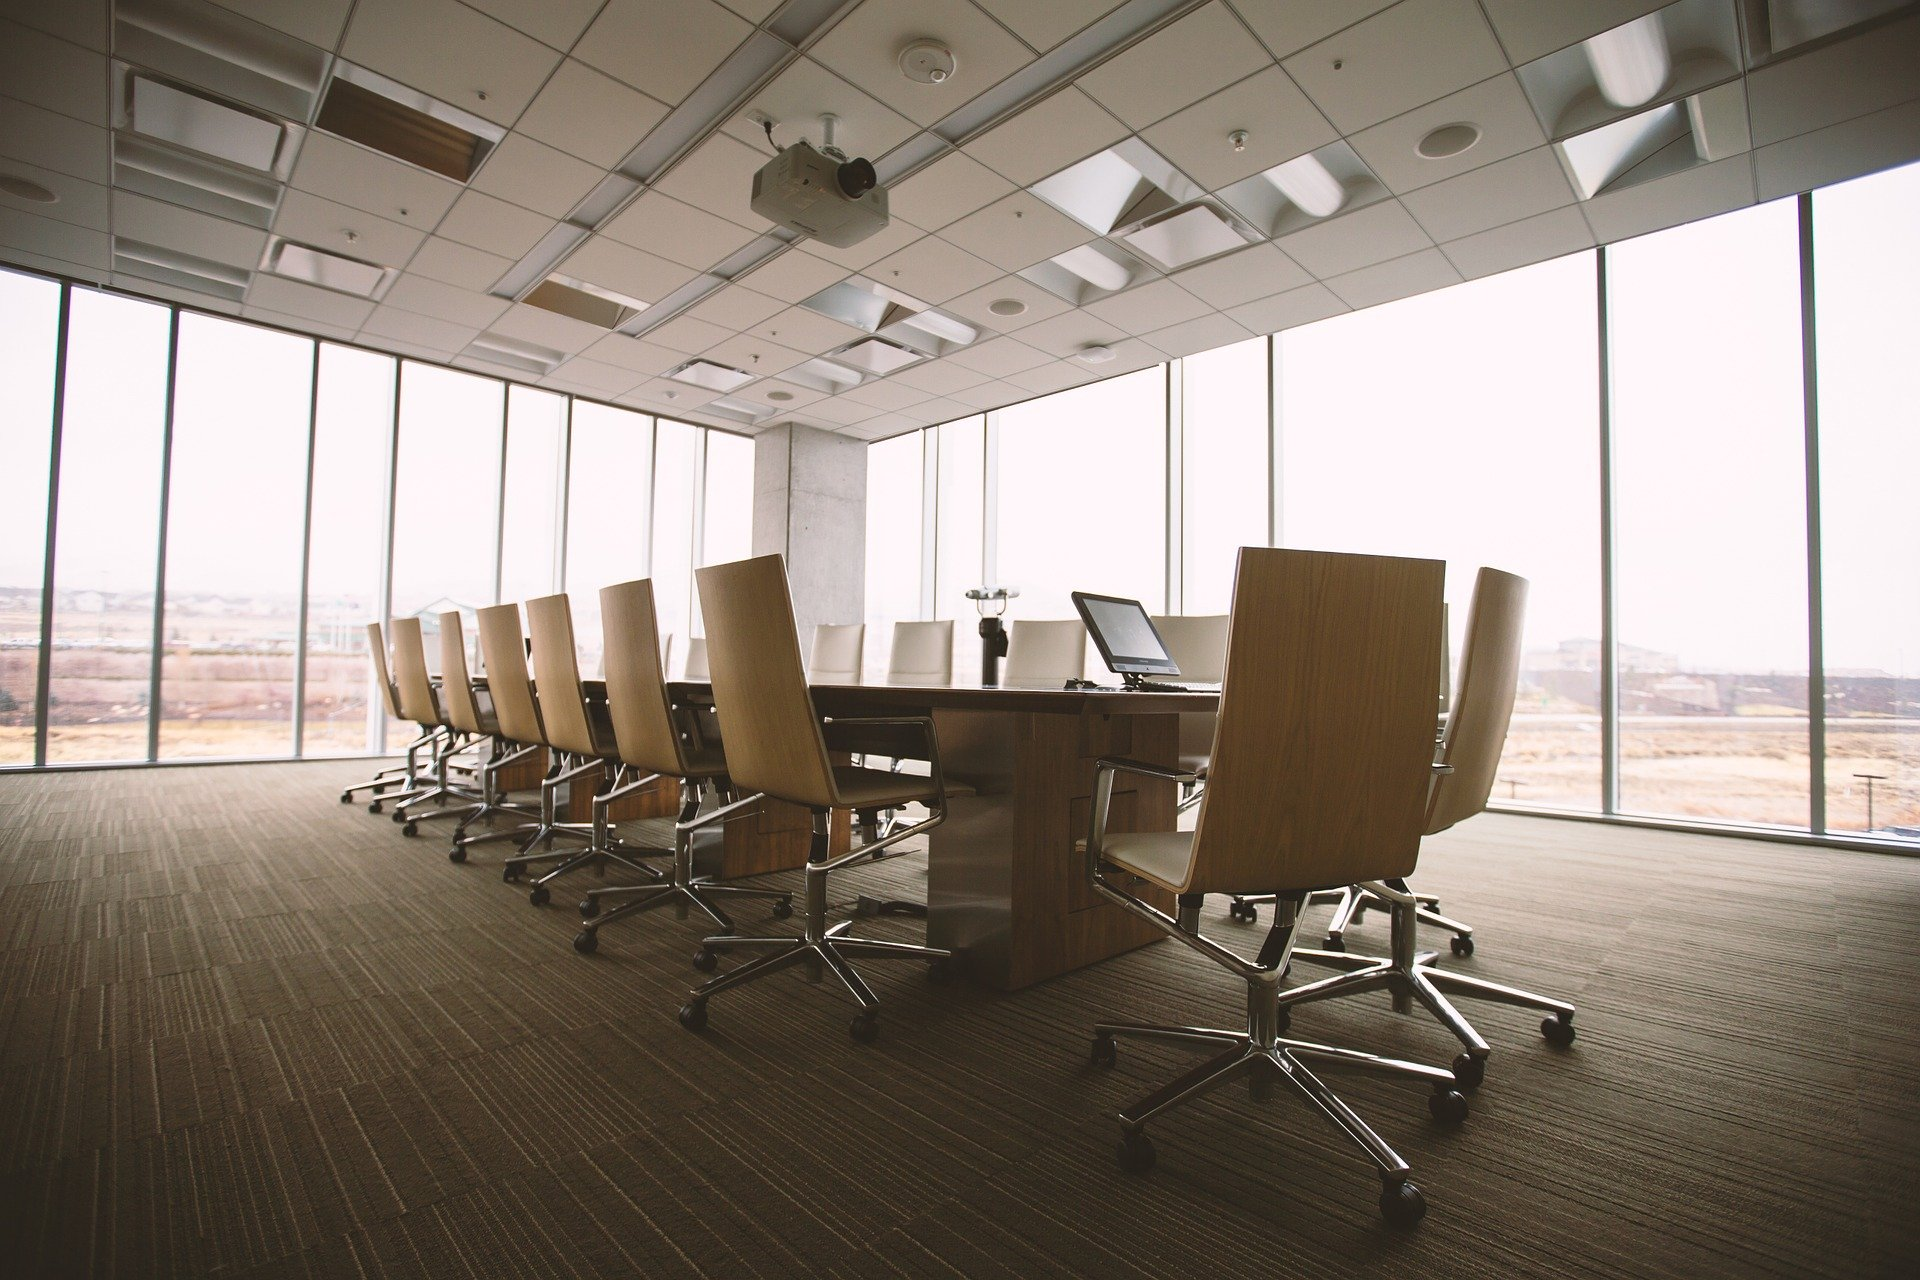 転職での失敗を避けたい!明確にしておきたい転職理由と会社選びの基準